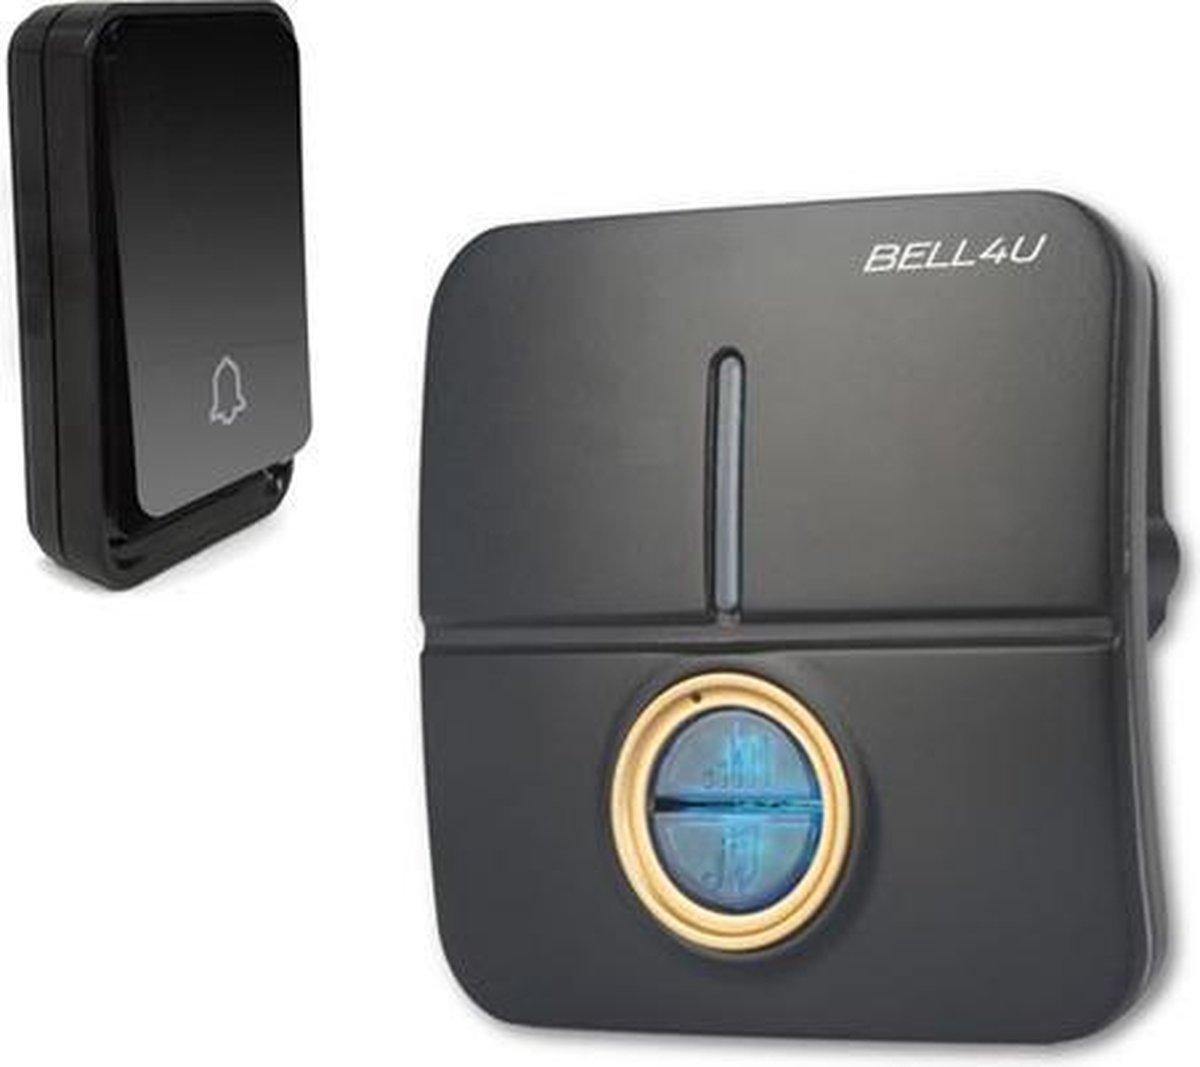 Bell4U® Draadloze deurbel - vele melodieën - mooi design - werkt geheel zonder batterijen - Bell4U